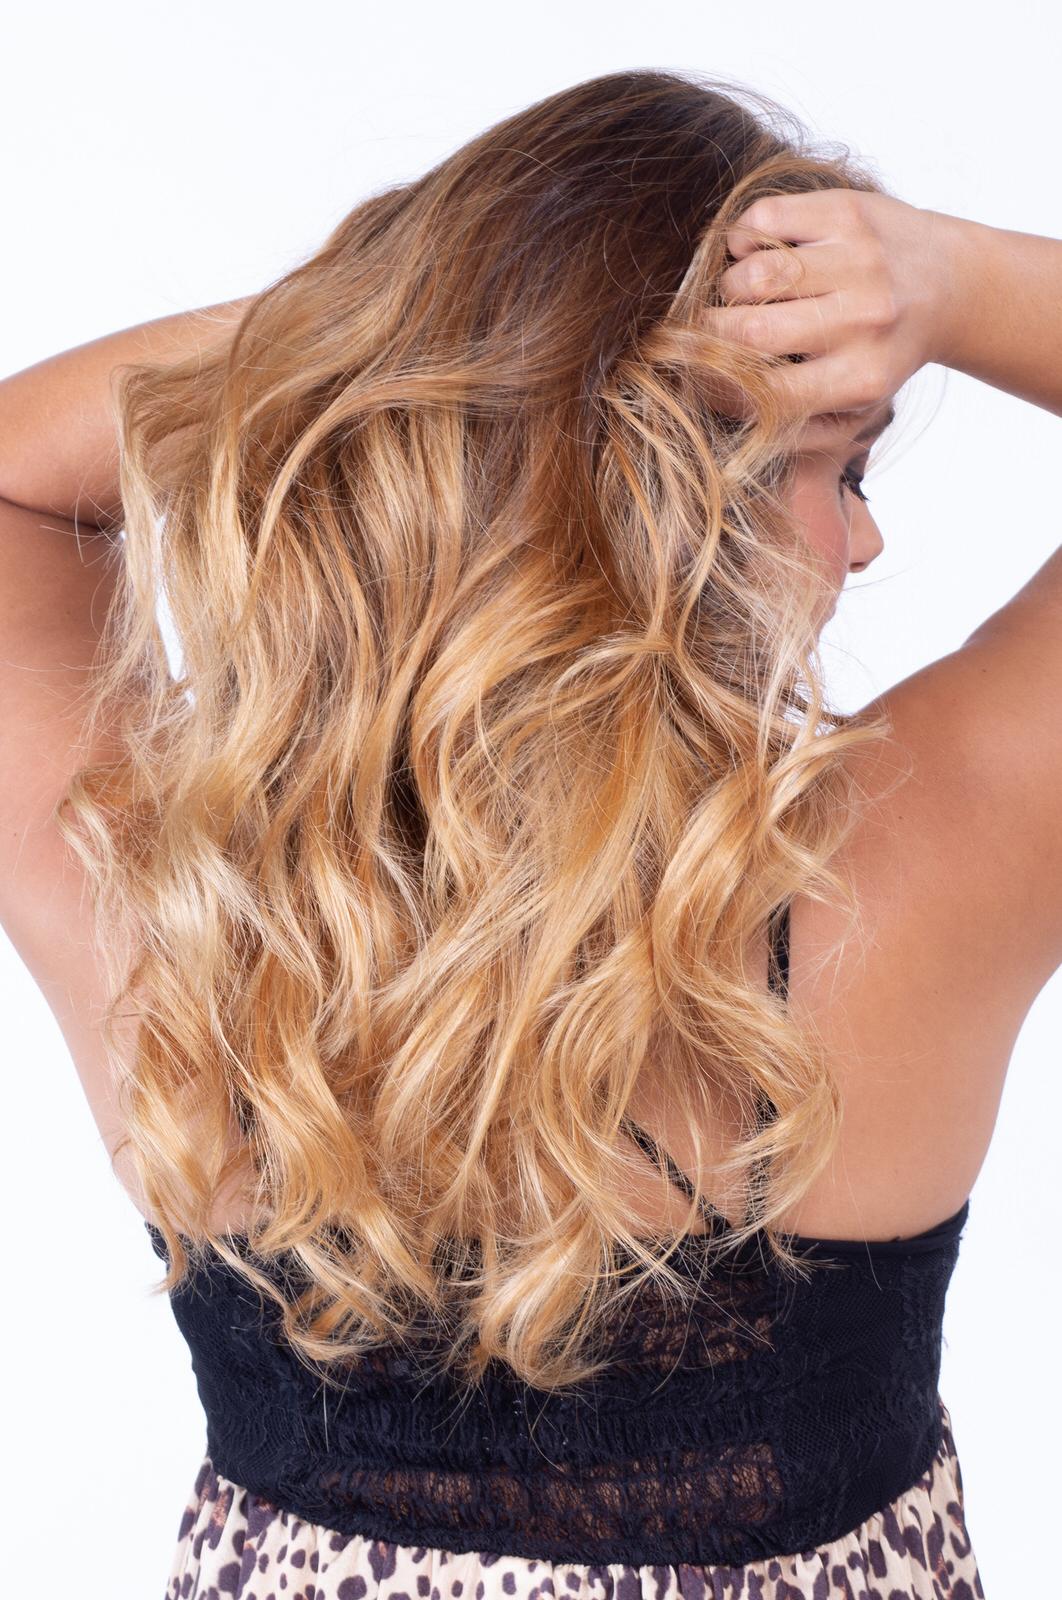 primo piano di capelli lunghi biondi